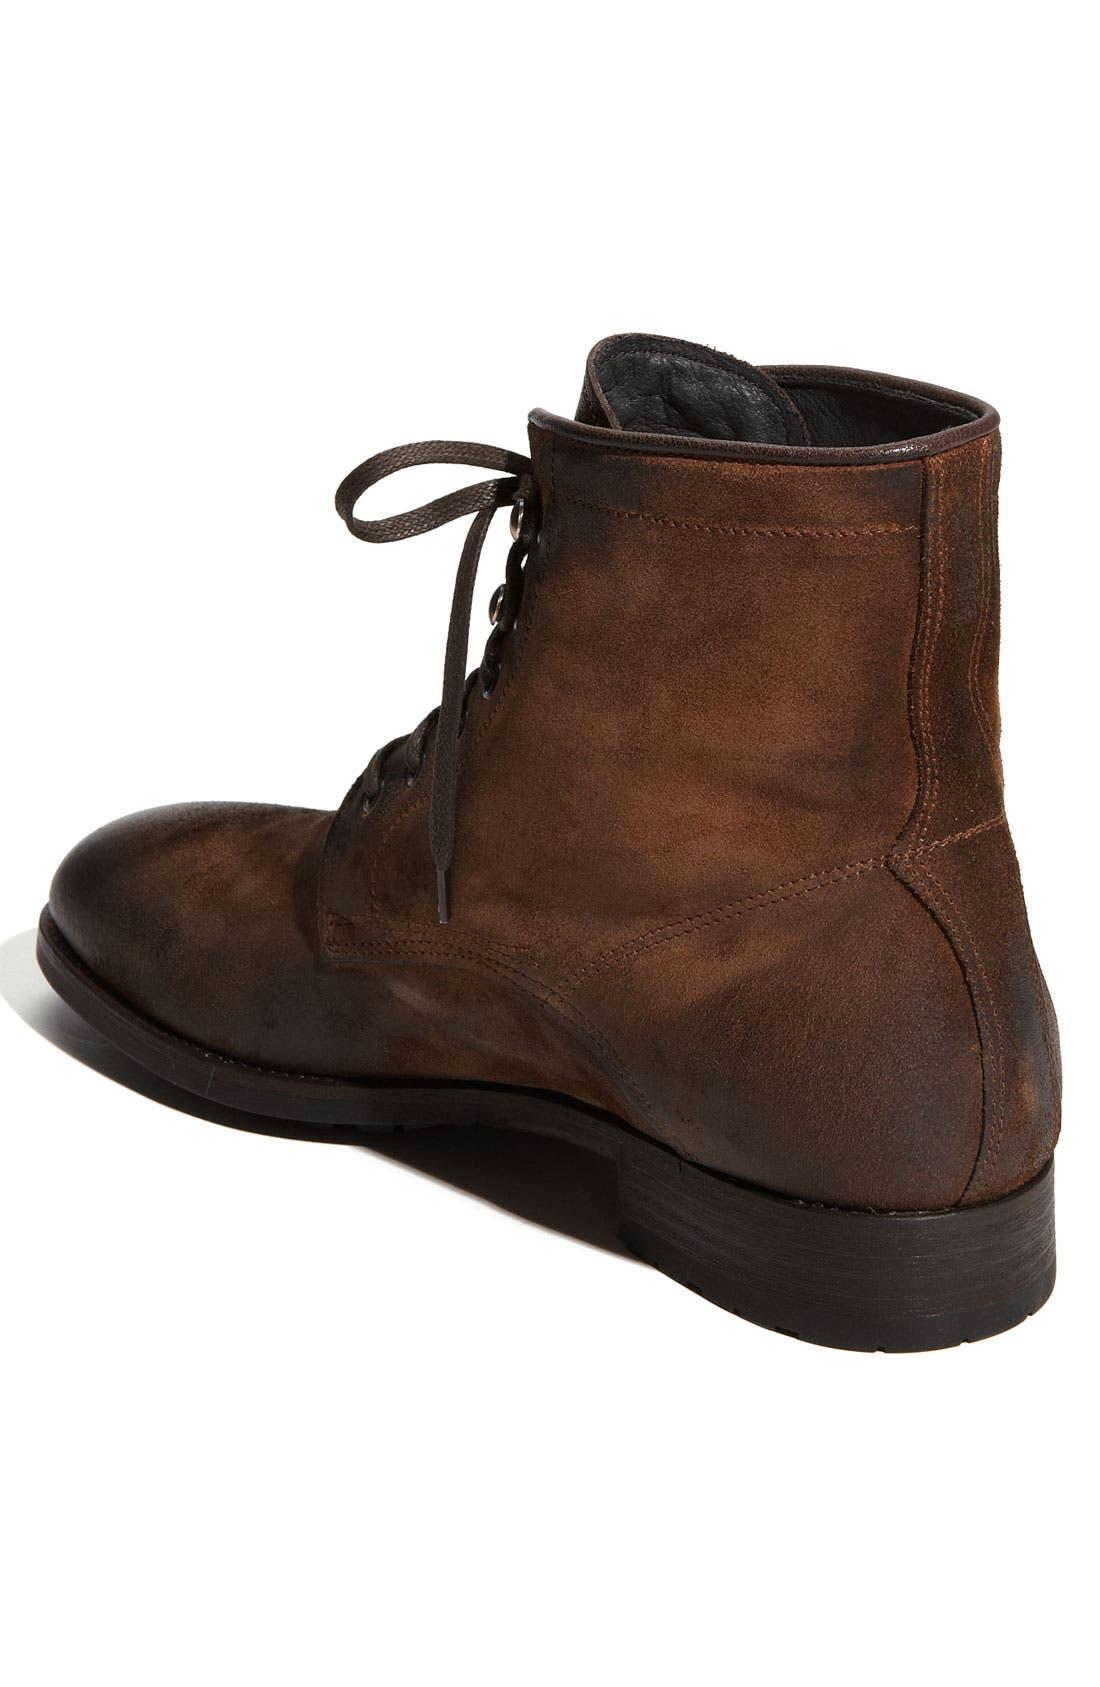 Alternate Image 2  - To Boot New York 'Kilburn' Boot